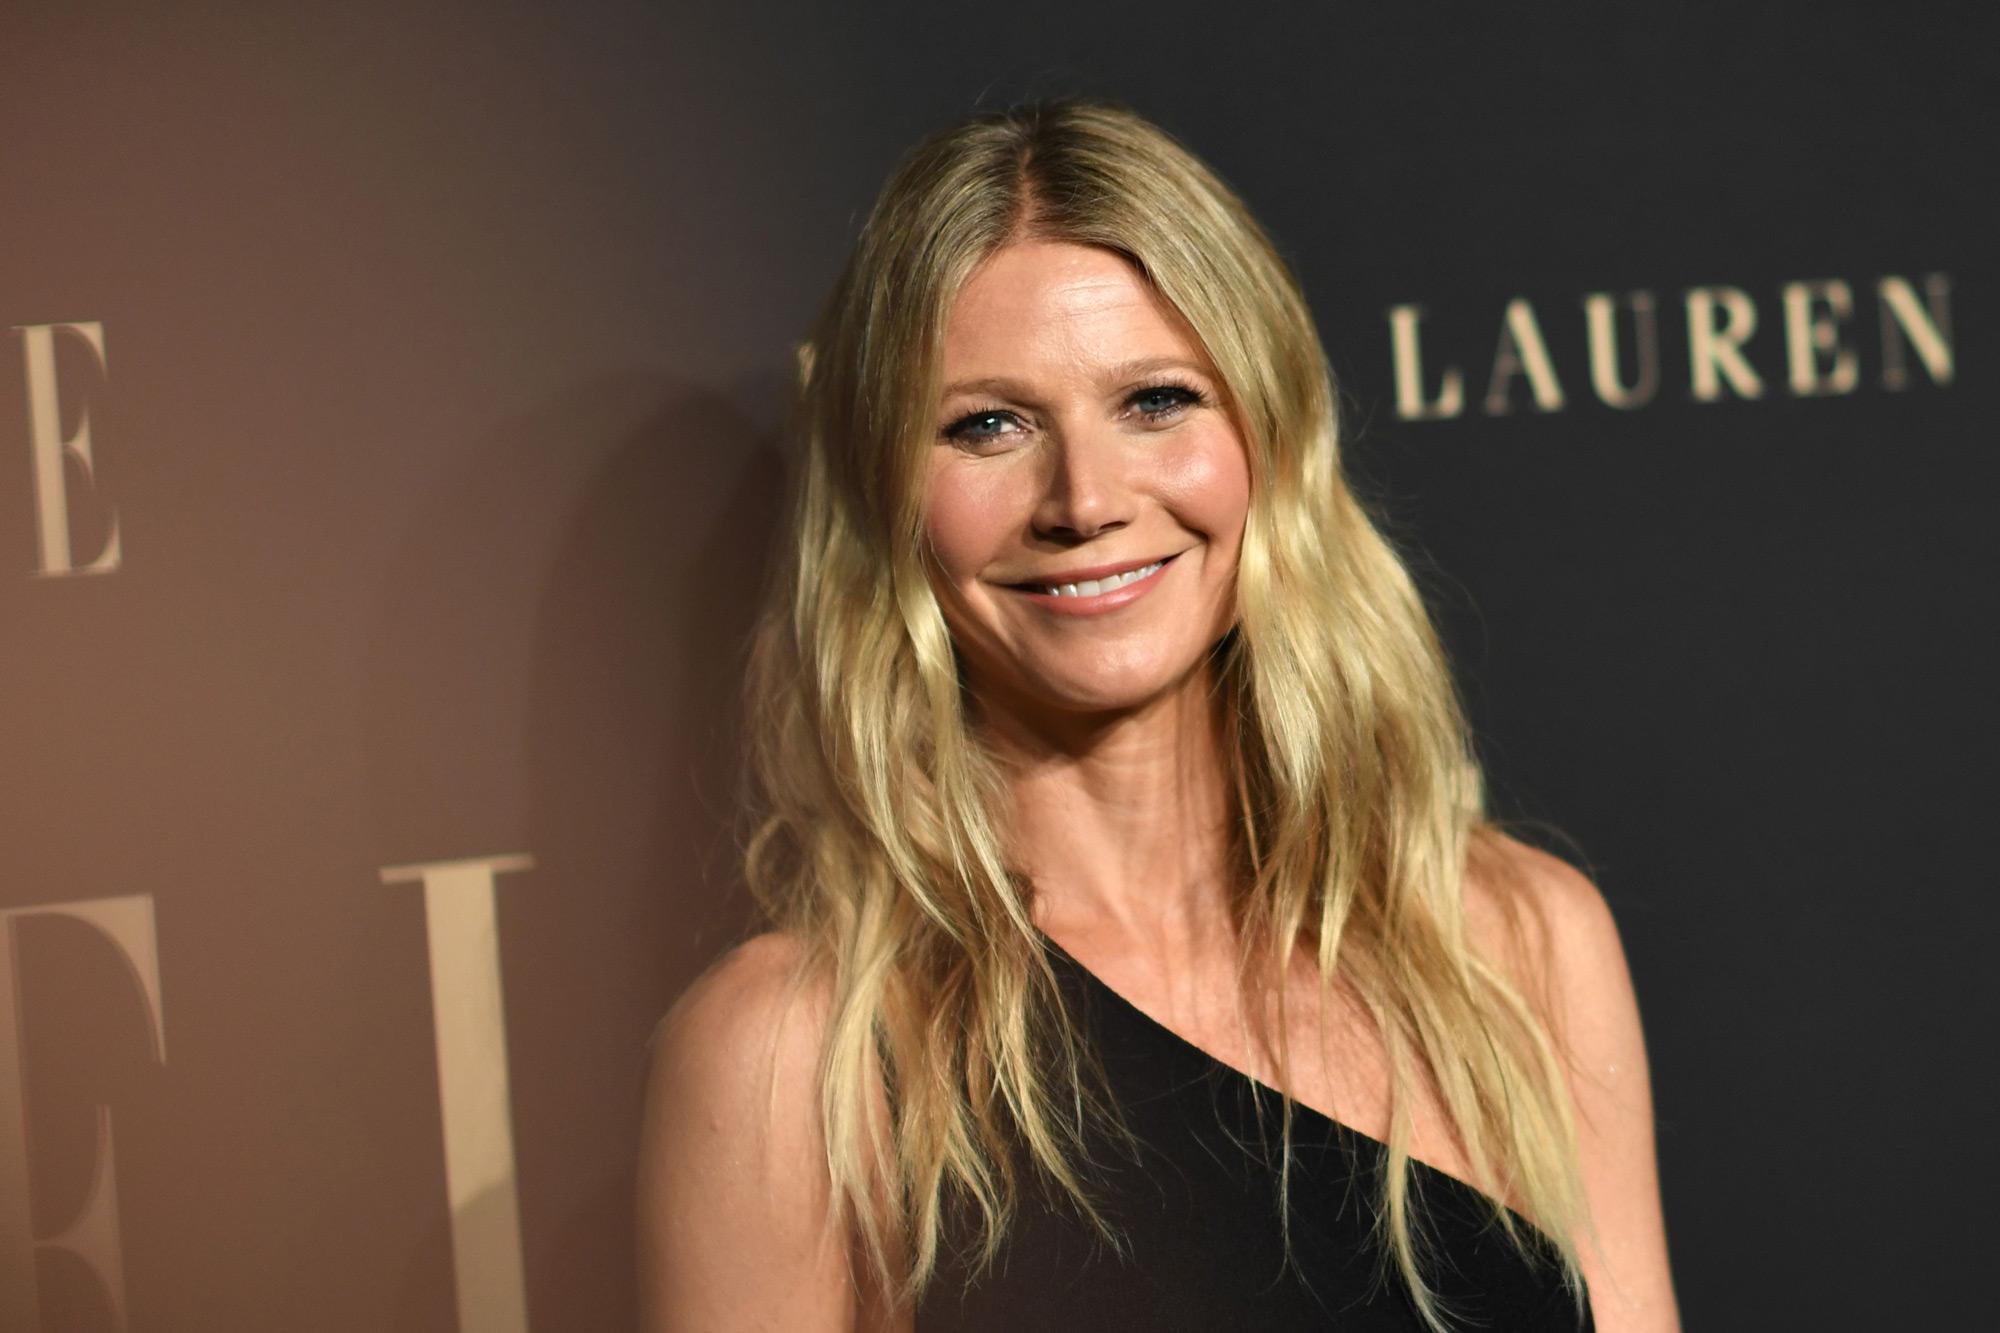 Gwyneth Paltrow Said Good Bye to Cinema